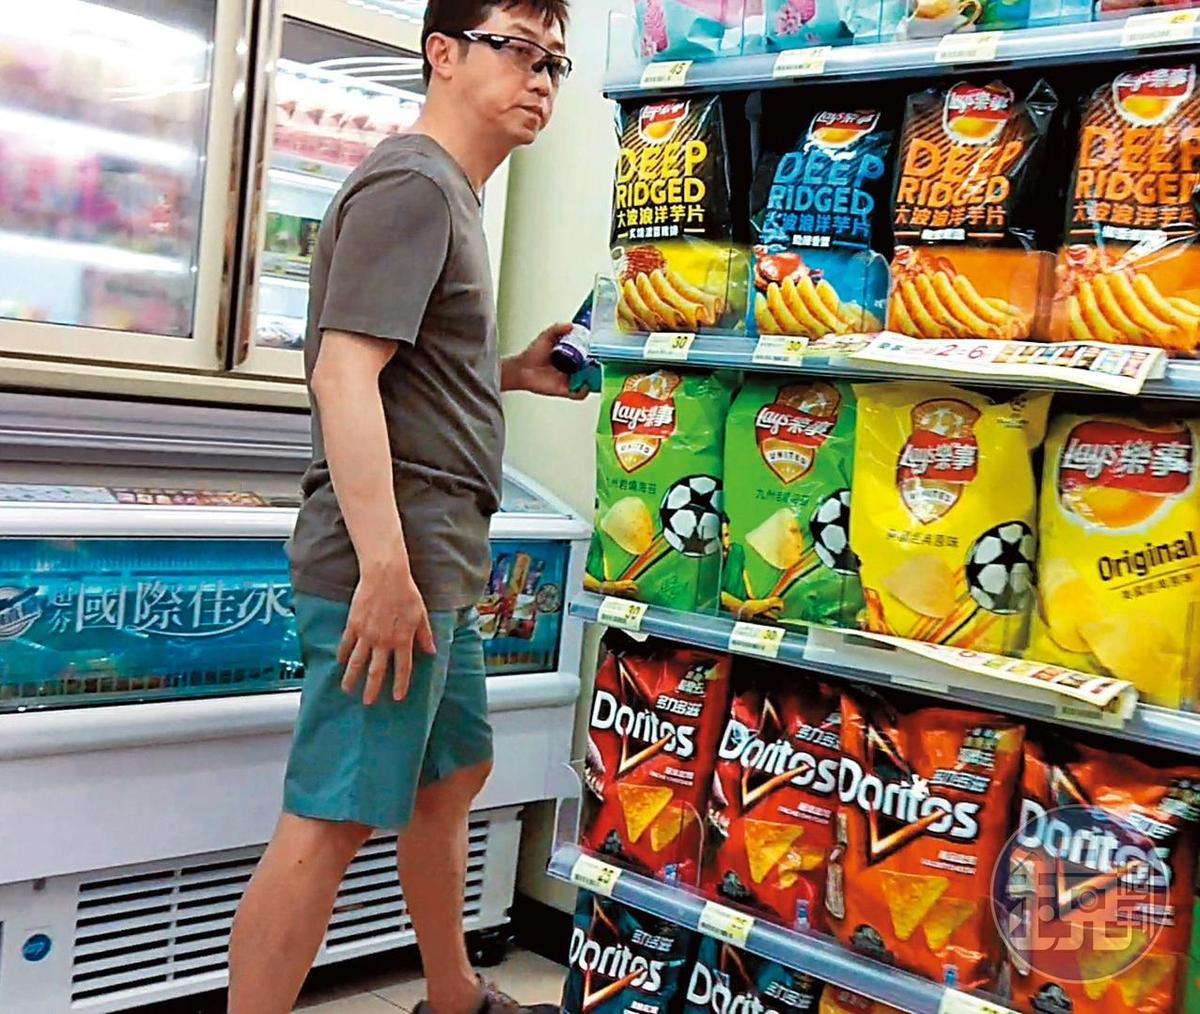 6月26日14:01,哈林穿得非常家居,進了住家大樓的便利商店,採買飲料及冰品。